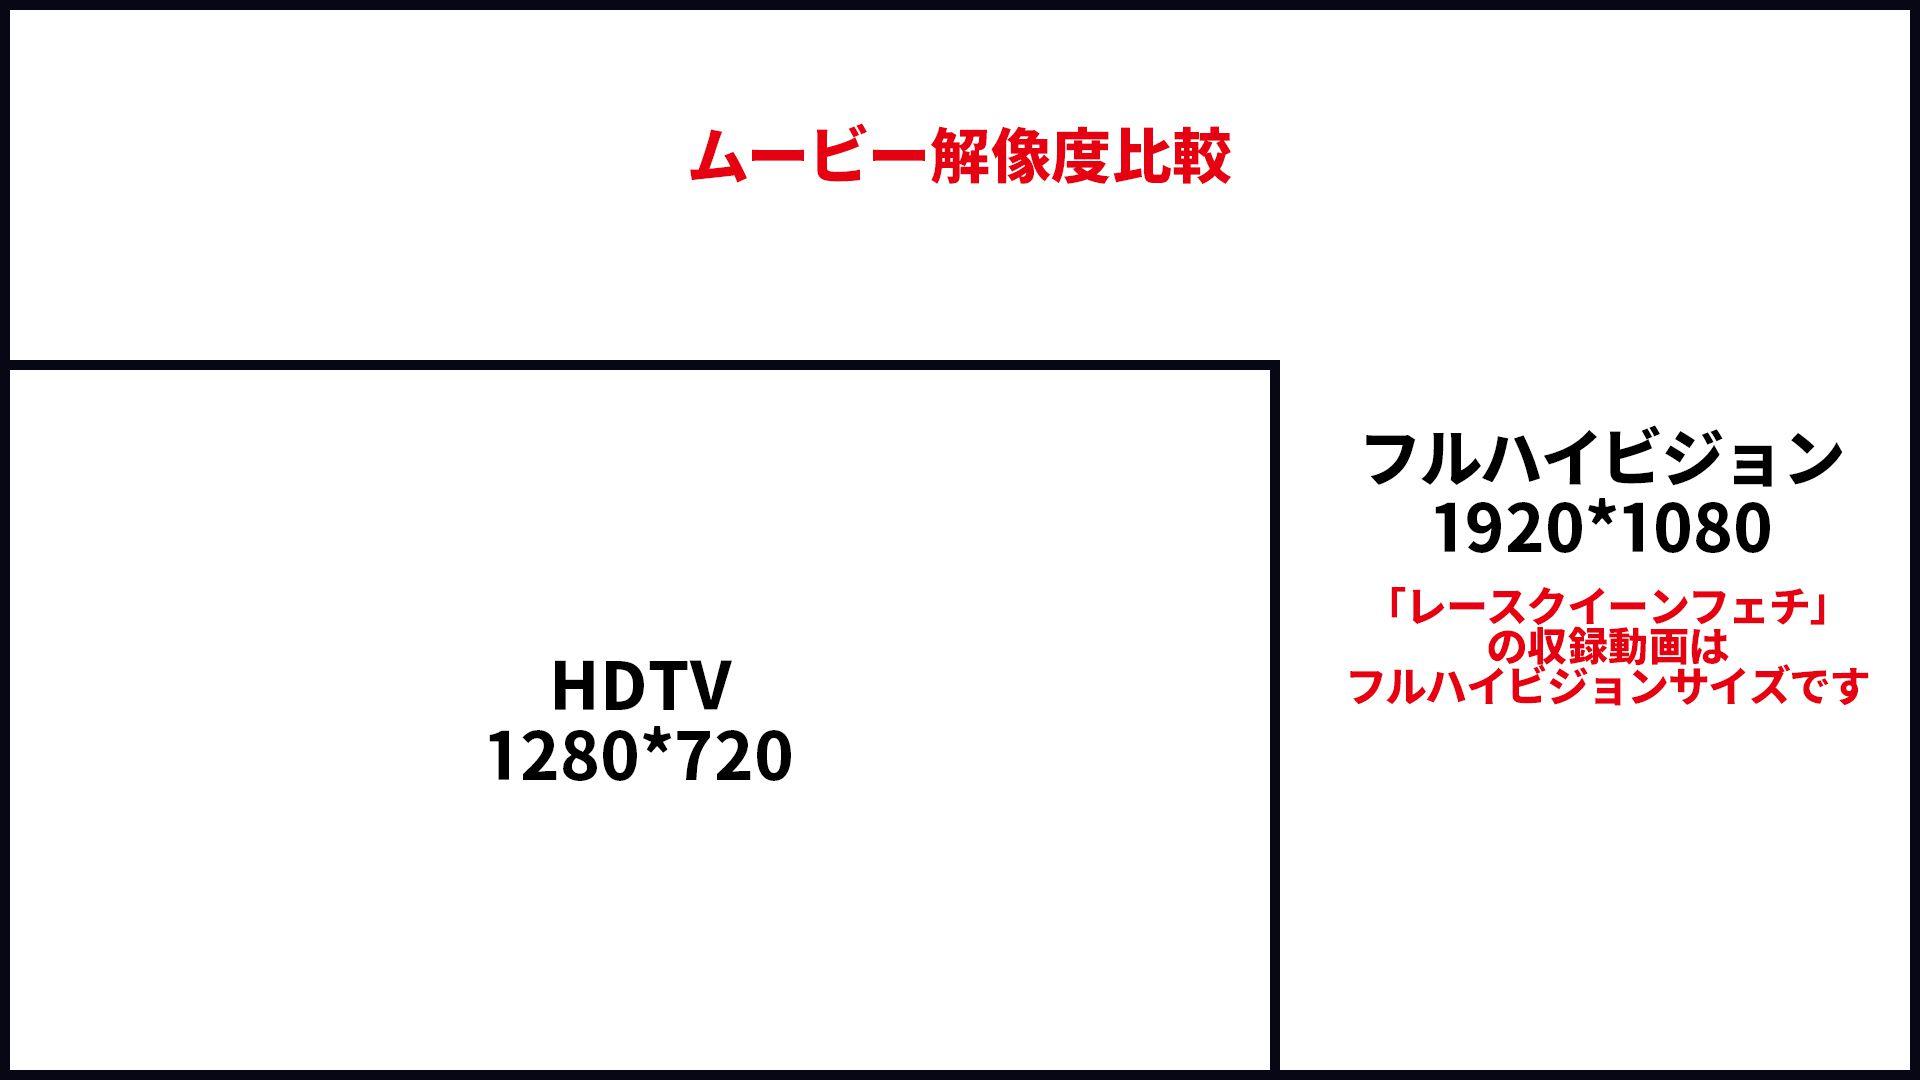 【HD】レースクイーンフェチ#012 ムービー版【2】 サンプル画像10